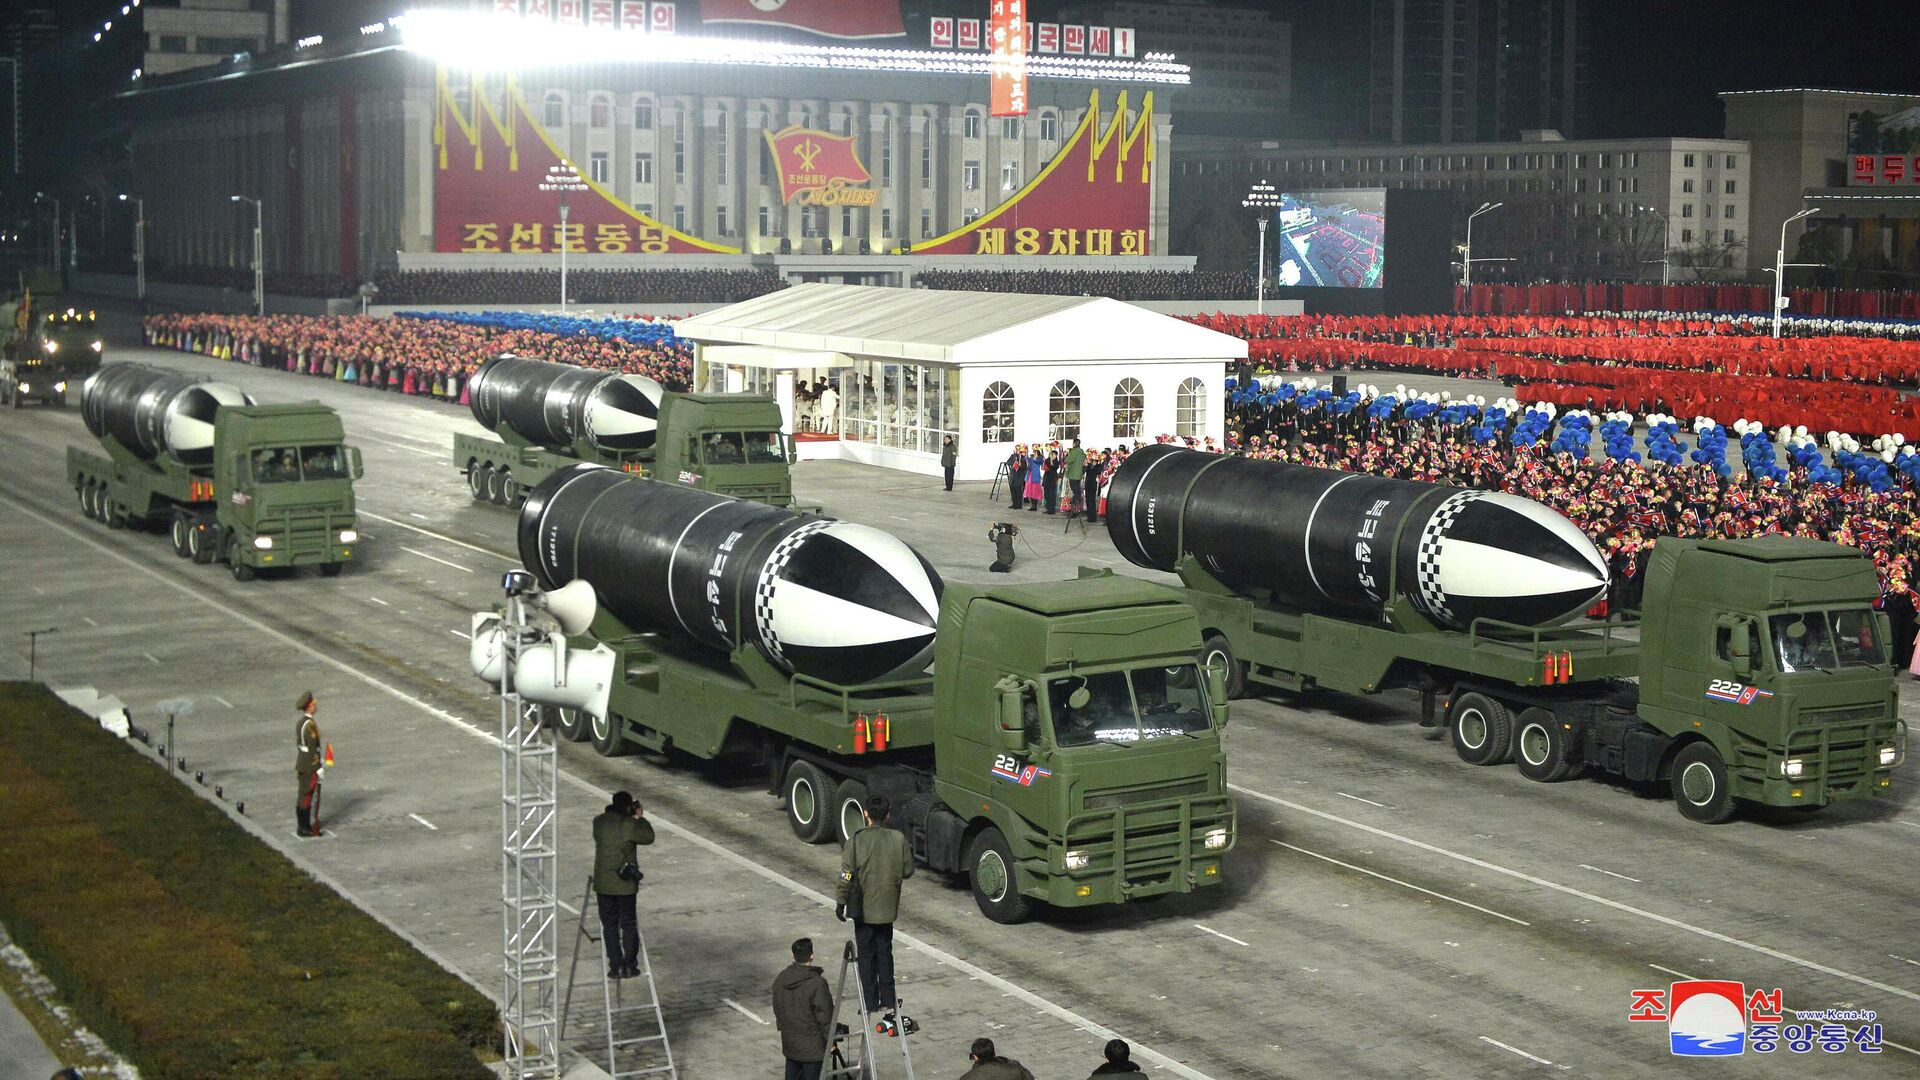 Военный парад по случаю VIII съезда Трудовой партии Кореи в Пхеньяне - РИА Новости, 1920, 15.01.2021